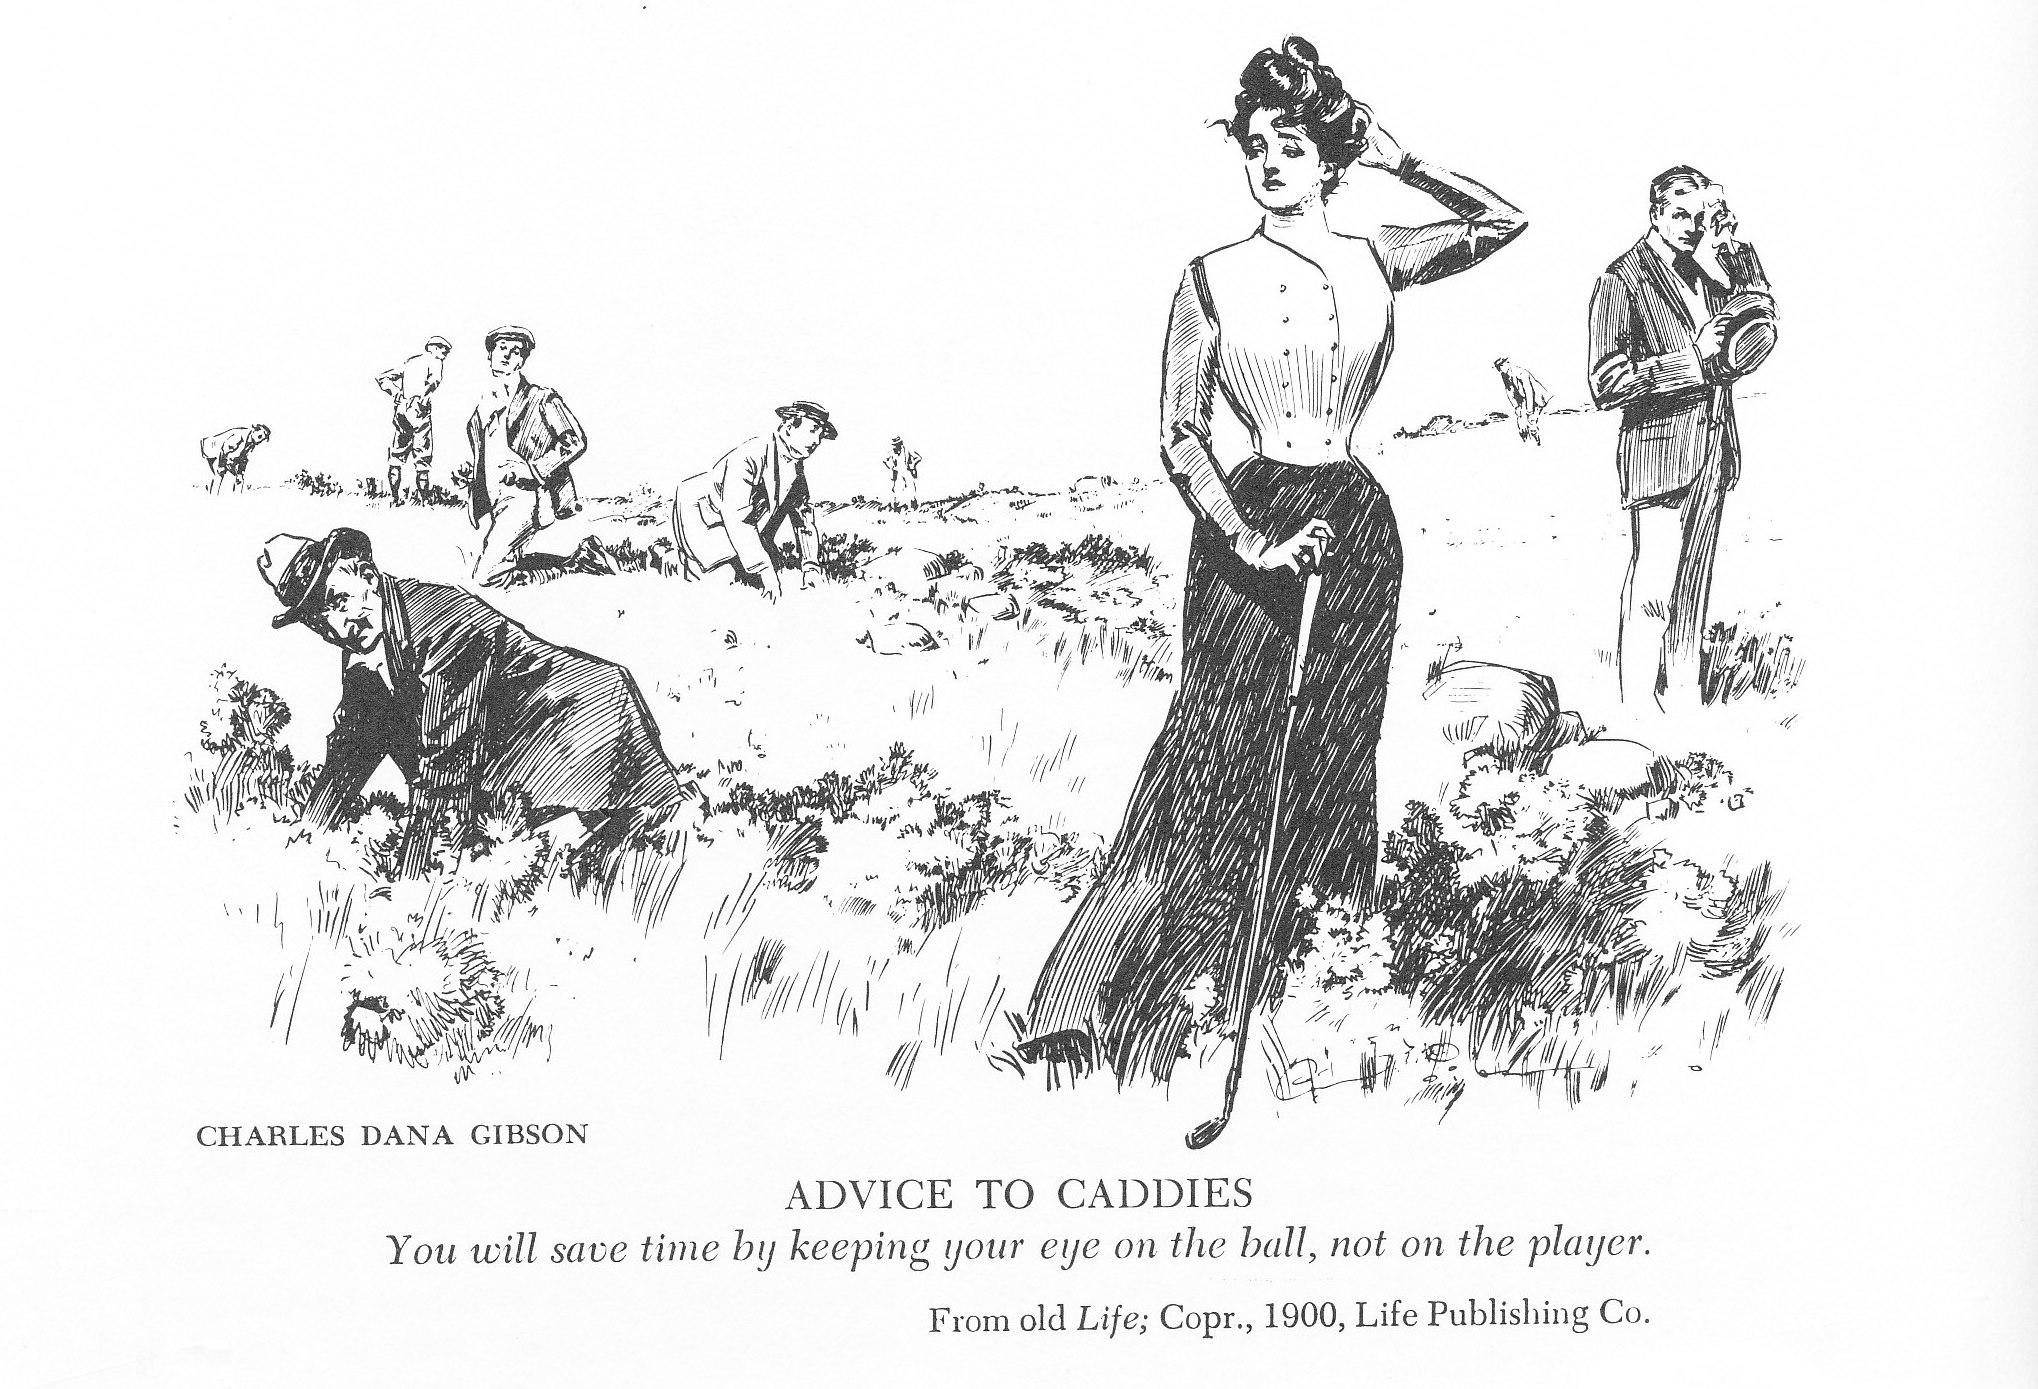 From old Life Magazine, 1900 (Life Publishing Co.)